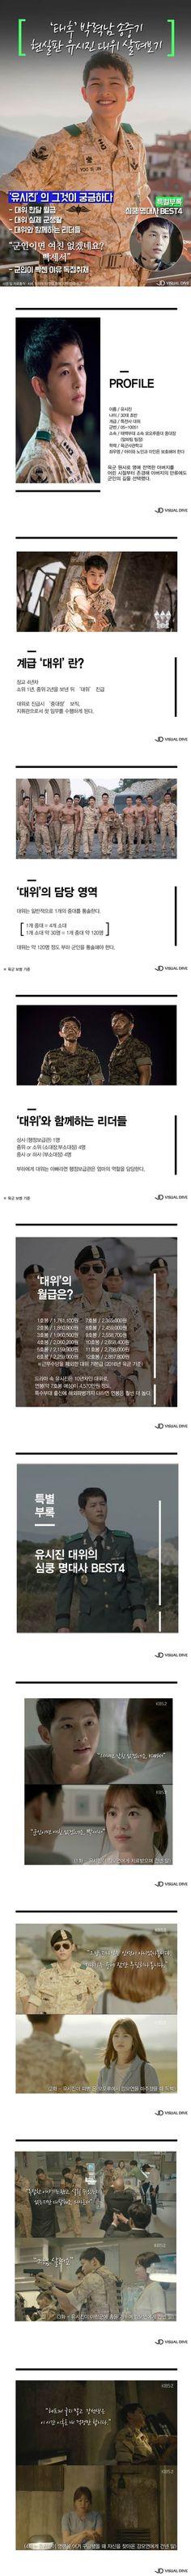 '태양의 후예' 속 유시진 대위의 실제 군생활은? [카드뉴스] #drama / #cardnews ⓒ 비주얼다이브 무단 복사·전재·재배포 금지